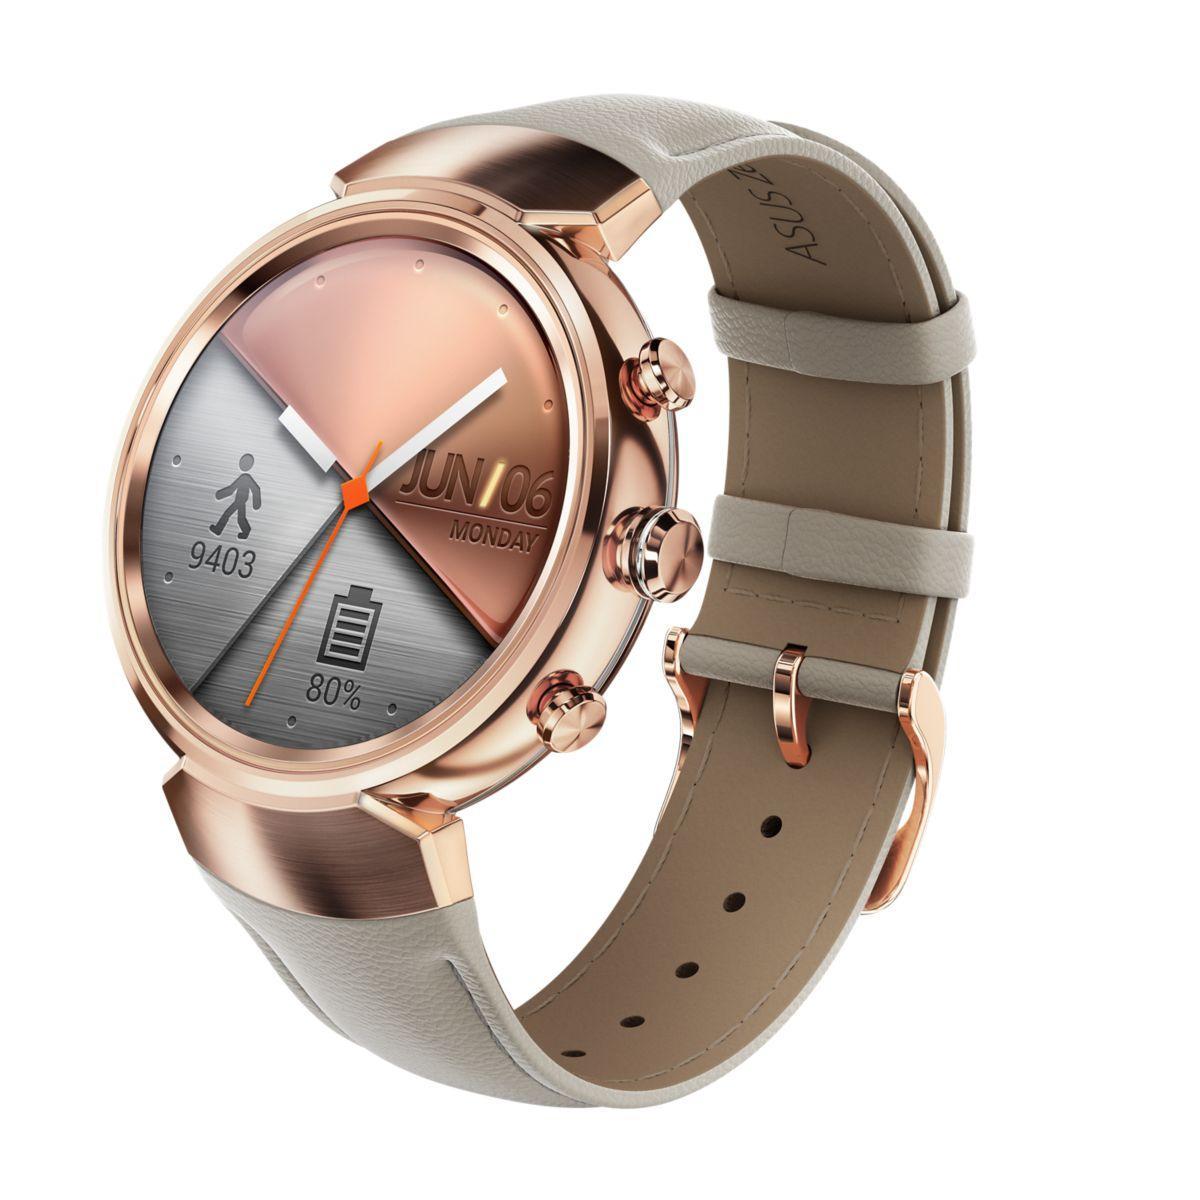 Montre asus zenwatch 3 rose gold - 5% de remise immédiate avec le code : top5 (photo)